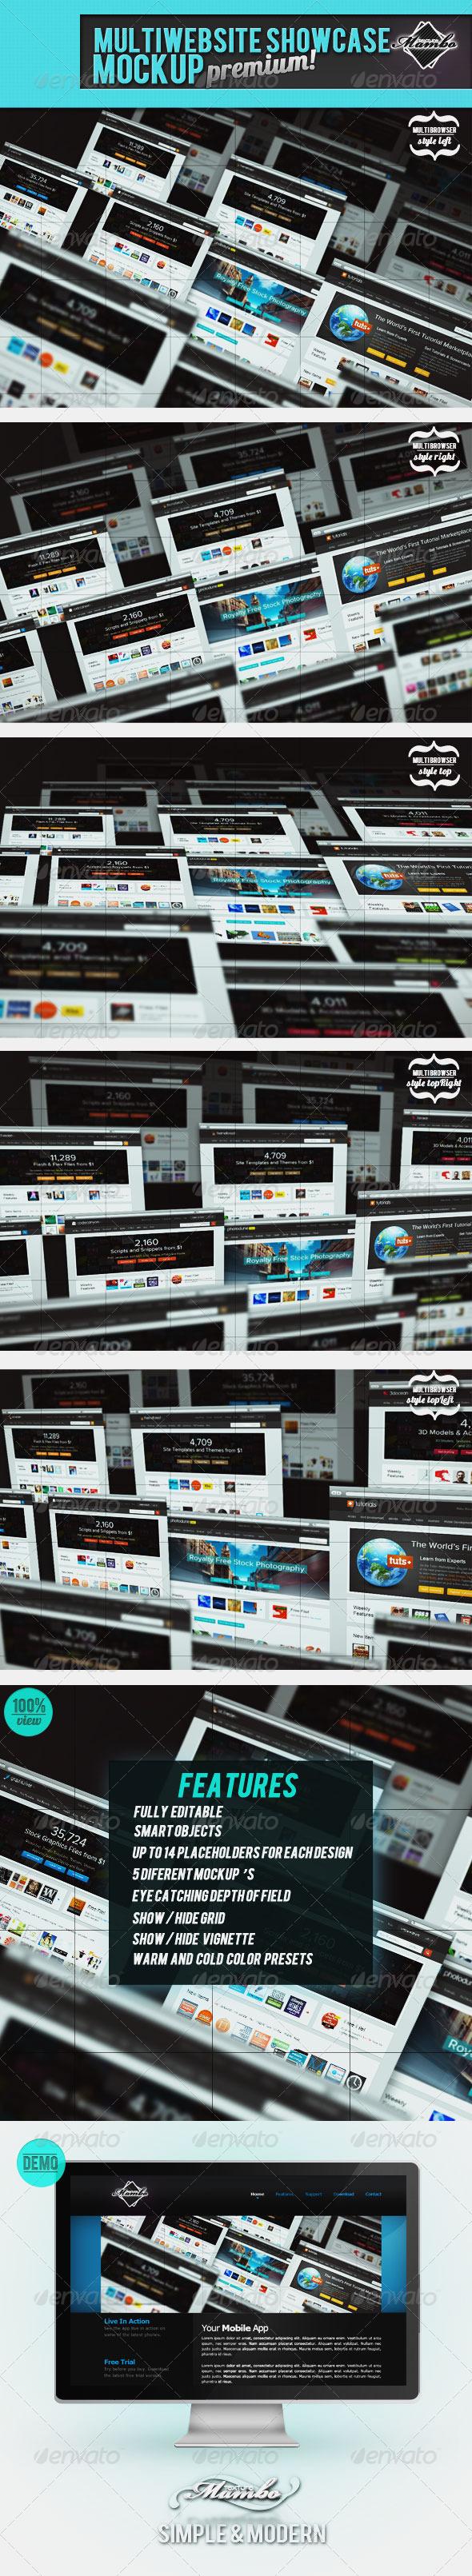 GraphicRiver MultiWebsite Showcase MockUp 945015